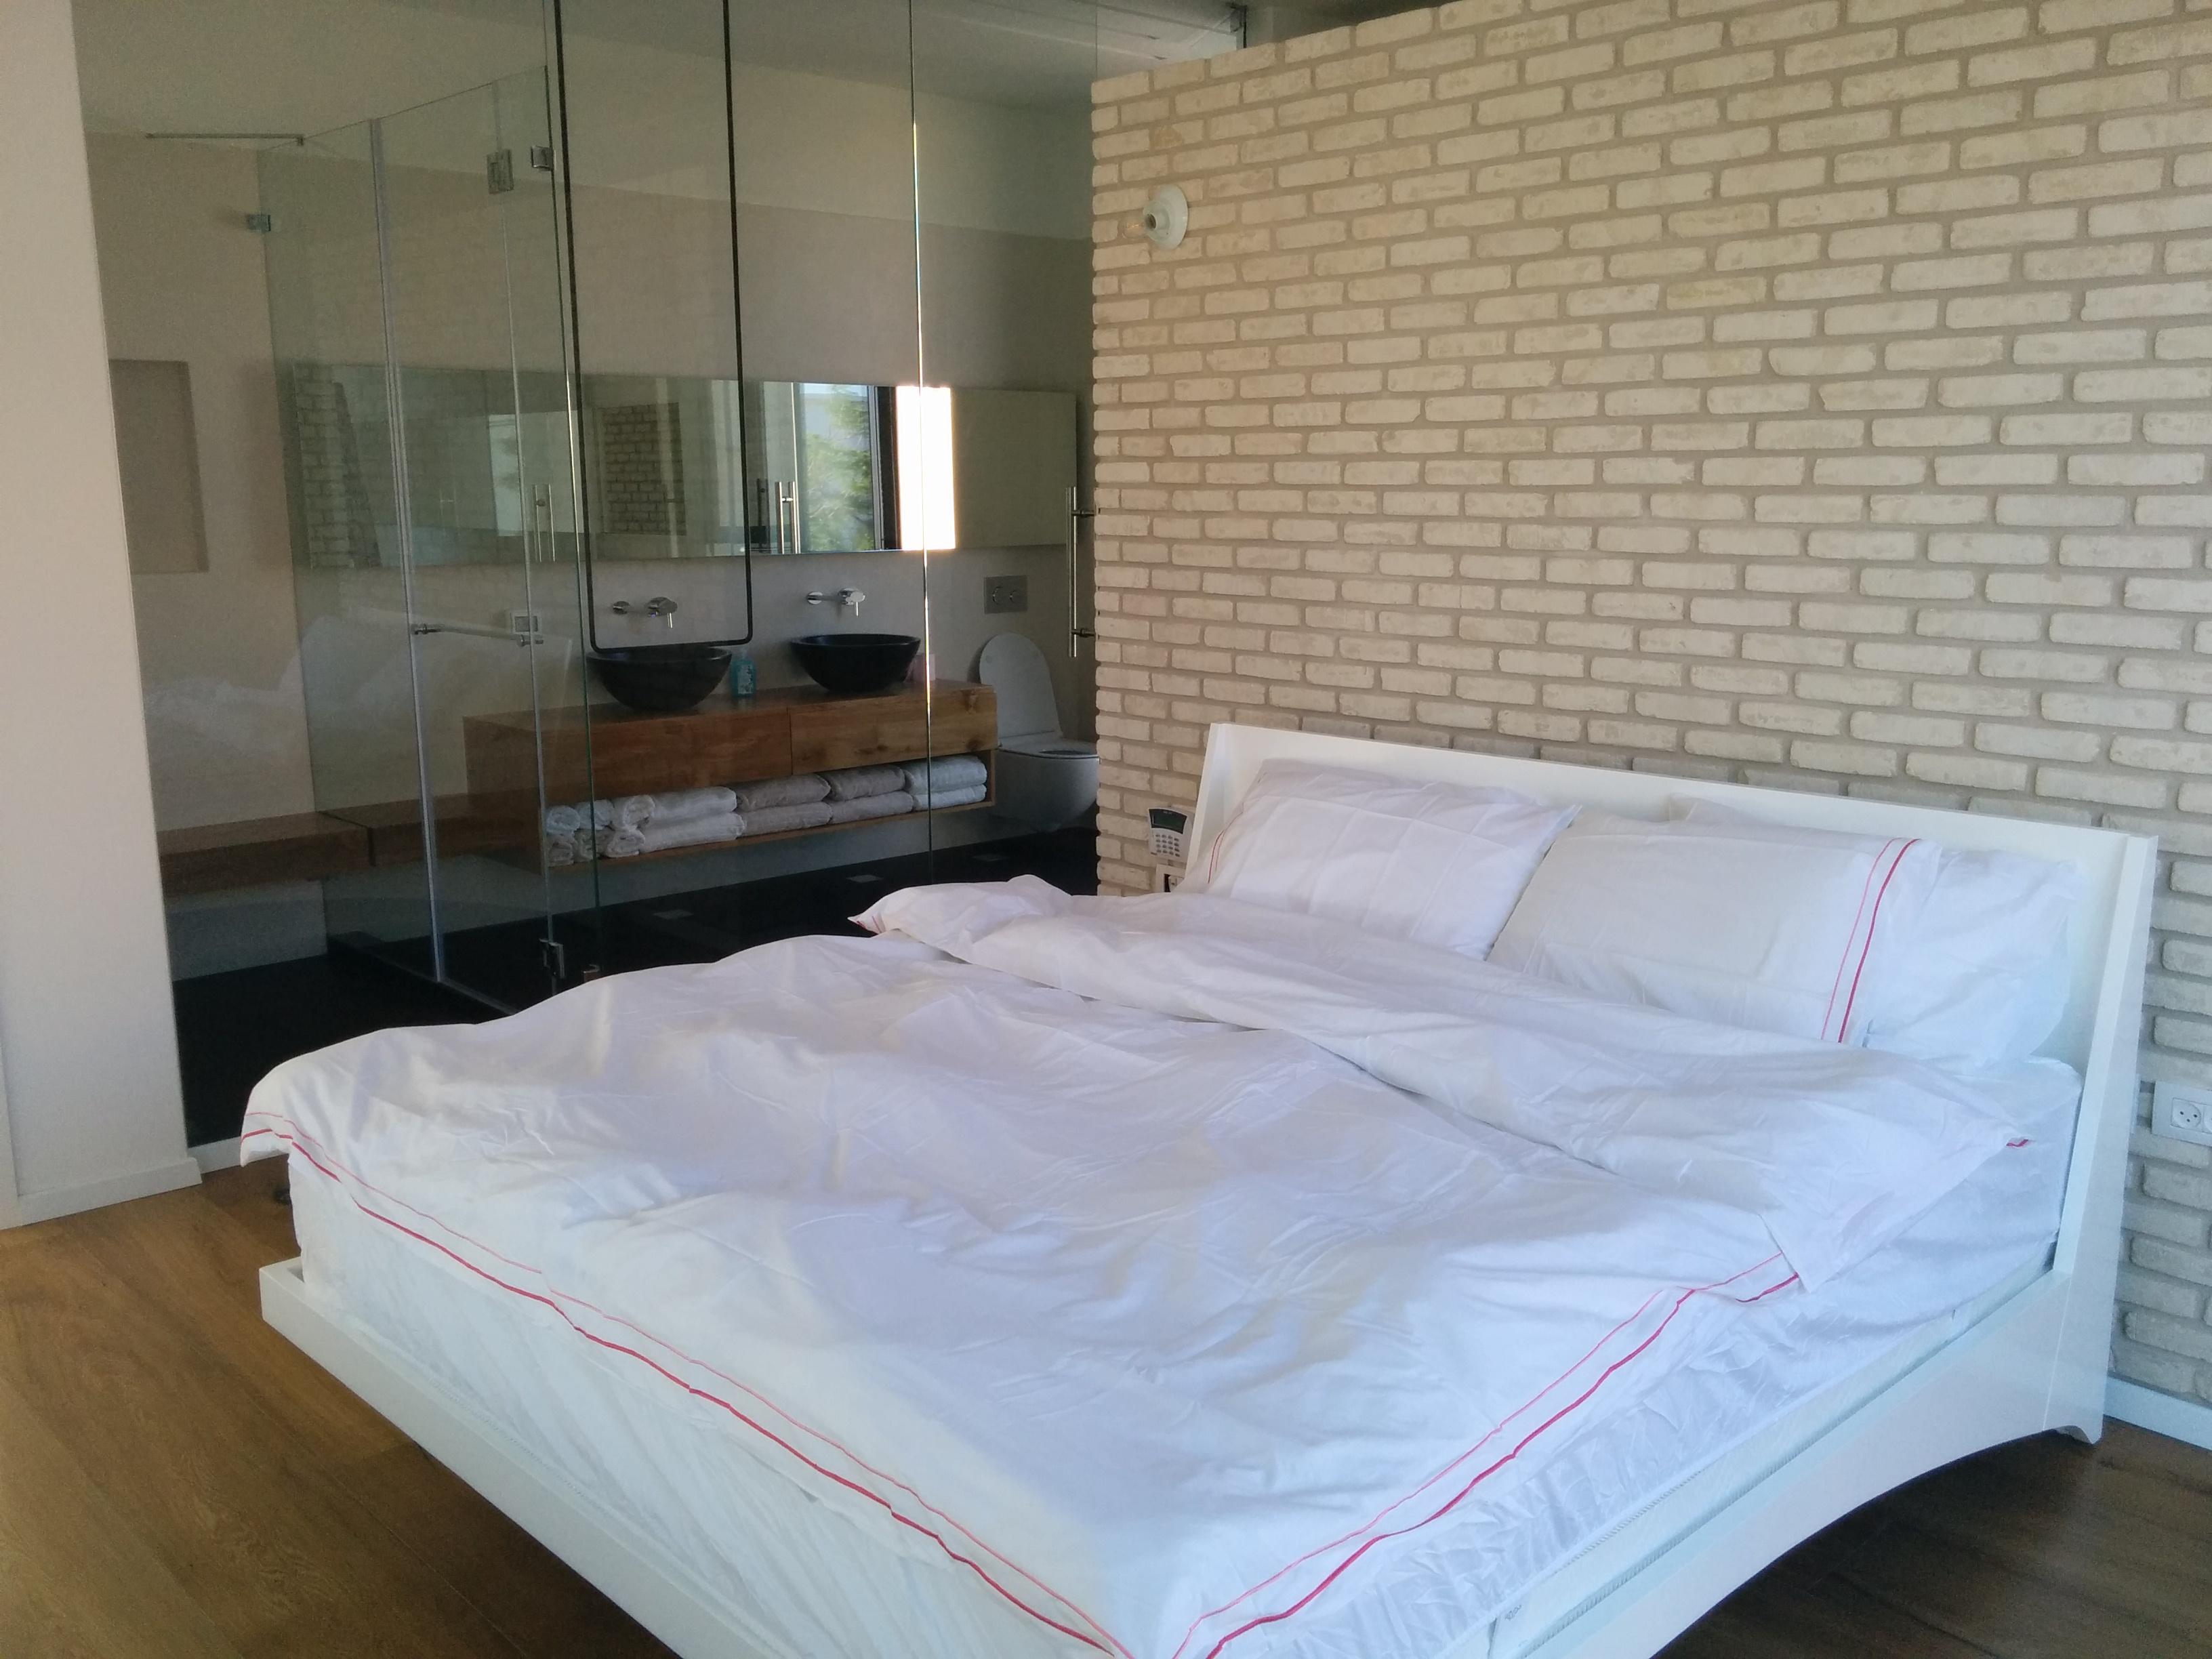 חדר שינה הורים קיר בריקים מפריד לאיזור הלבשה